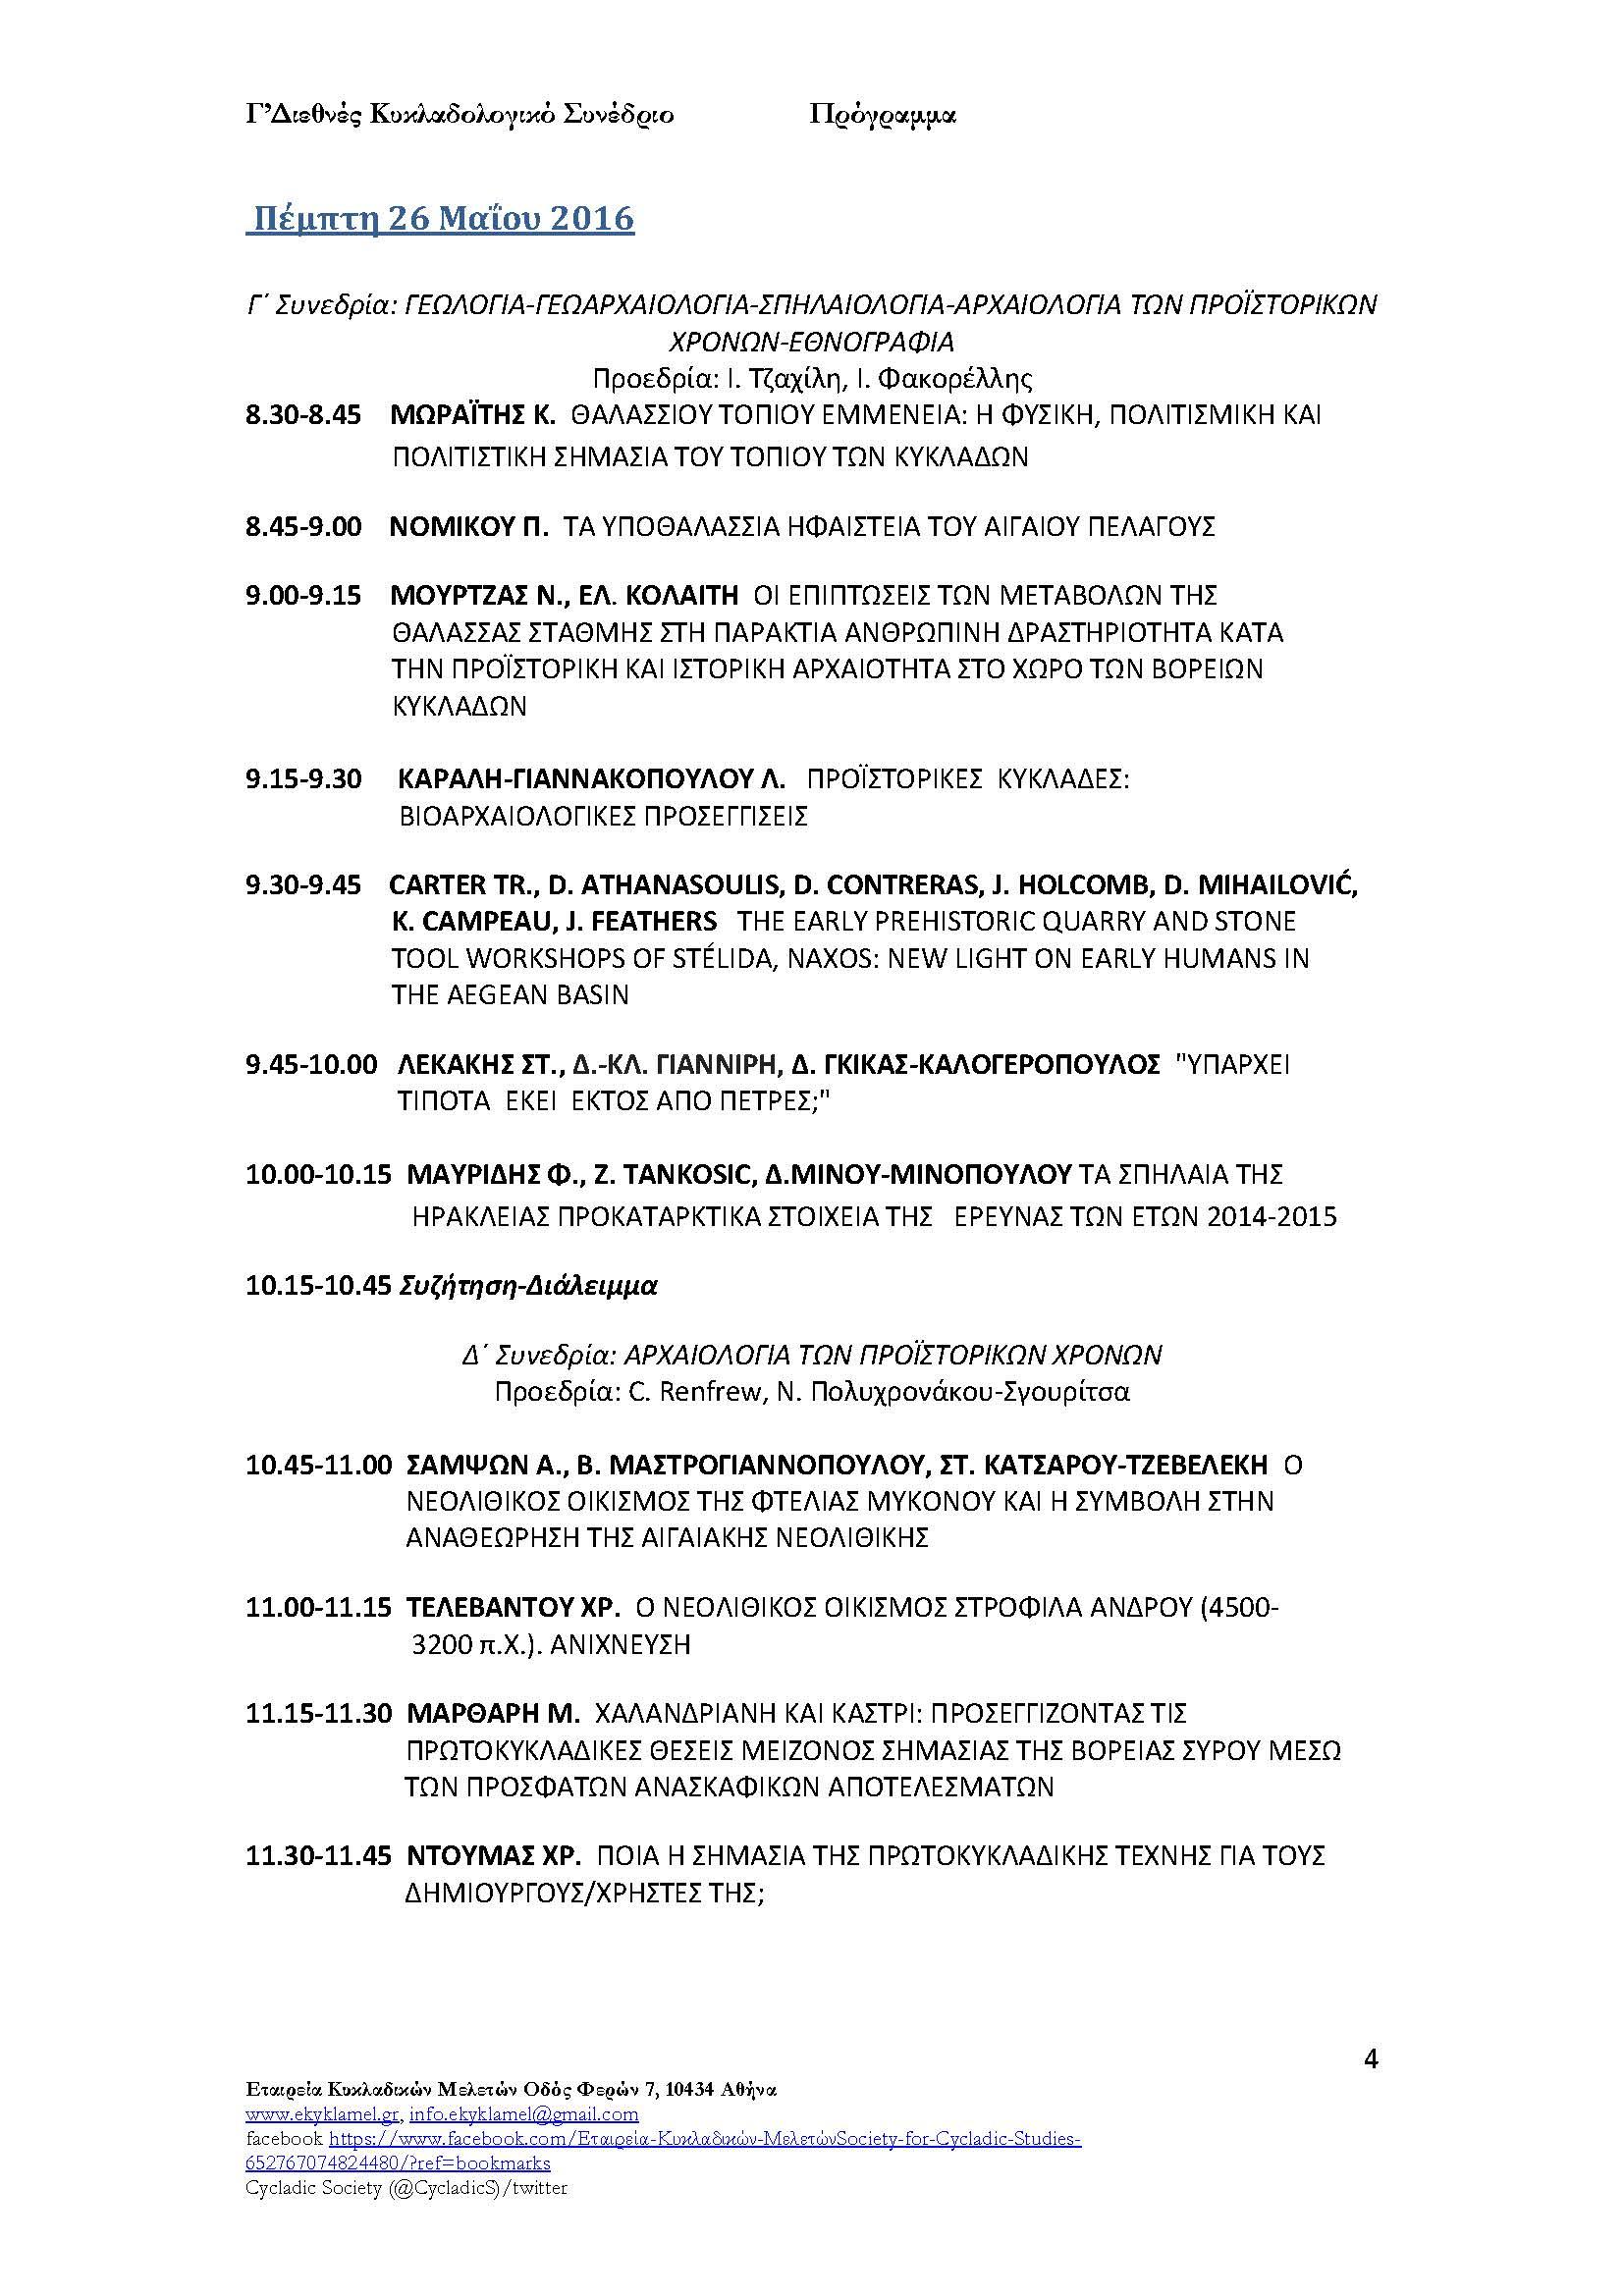 πρόγραμμα Γ' Κυκλαδολογικού Συνεδρίου (1)_Page_04